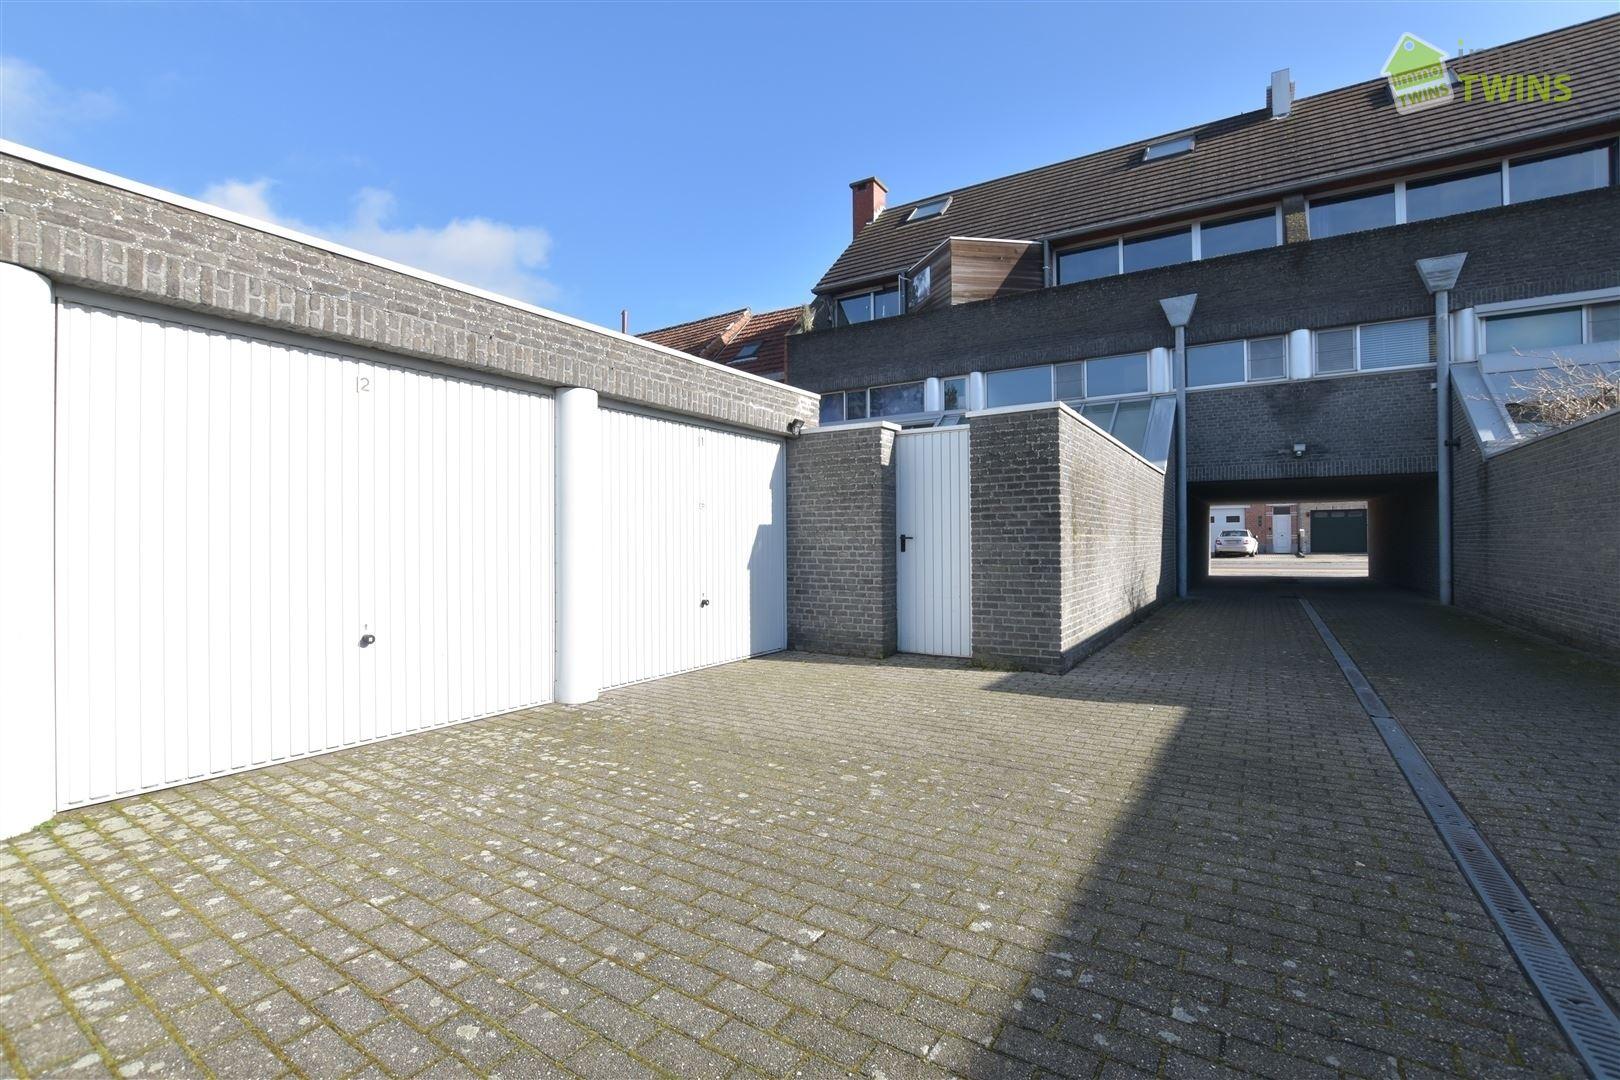 Foto 22 : Duplex/triplex te 9280 LEBBEKE (België) - Prijs € 257.000